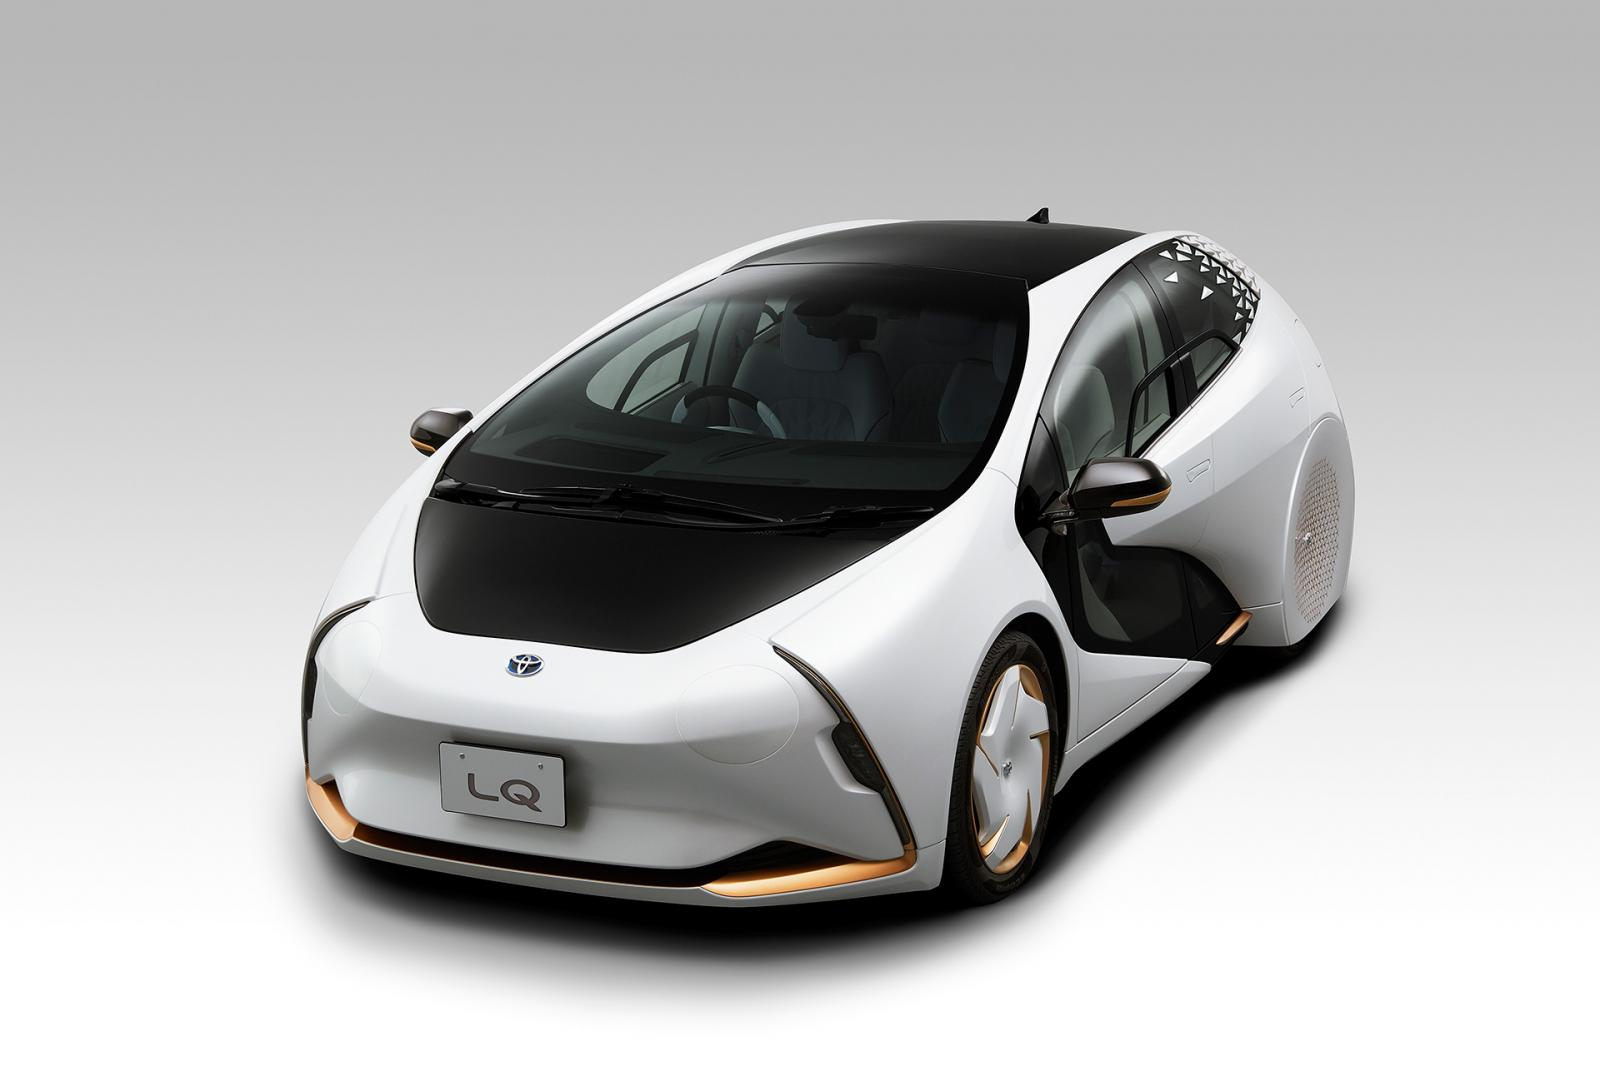 Toyota LQ es un concepto de auto eléctrico la marca